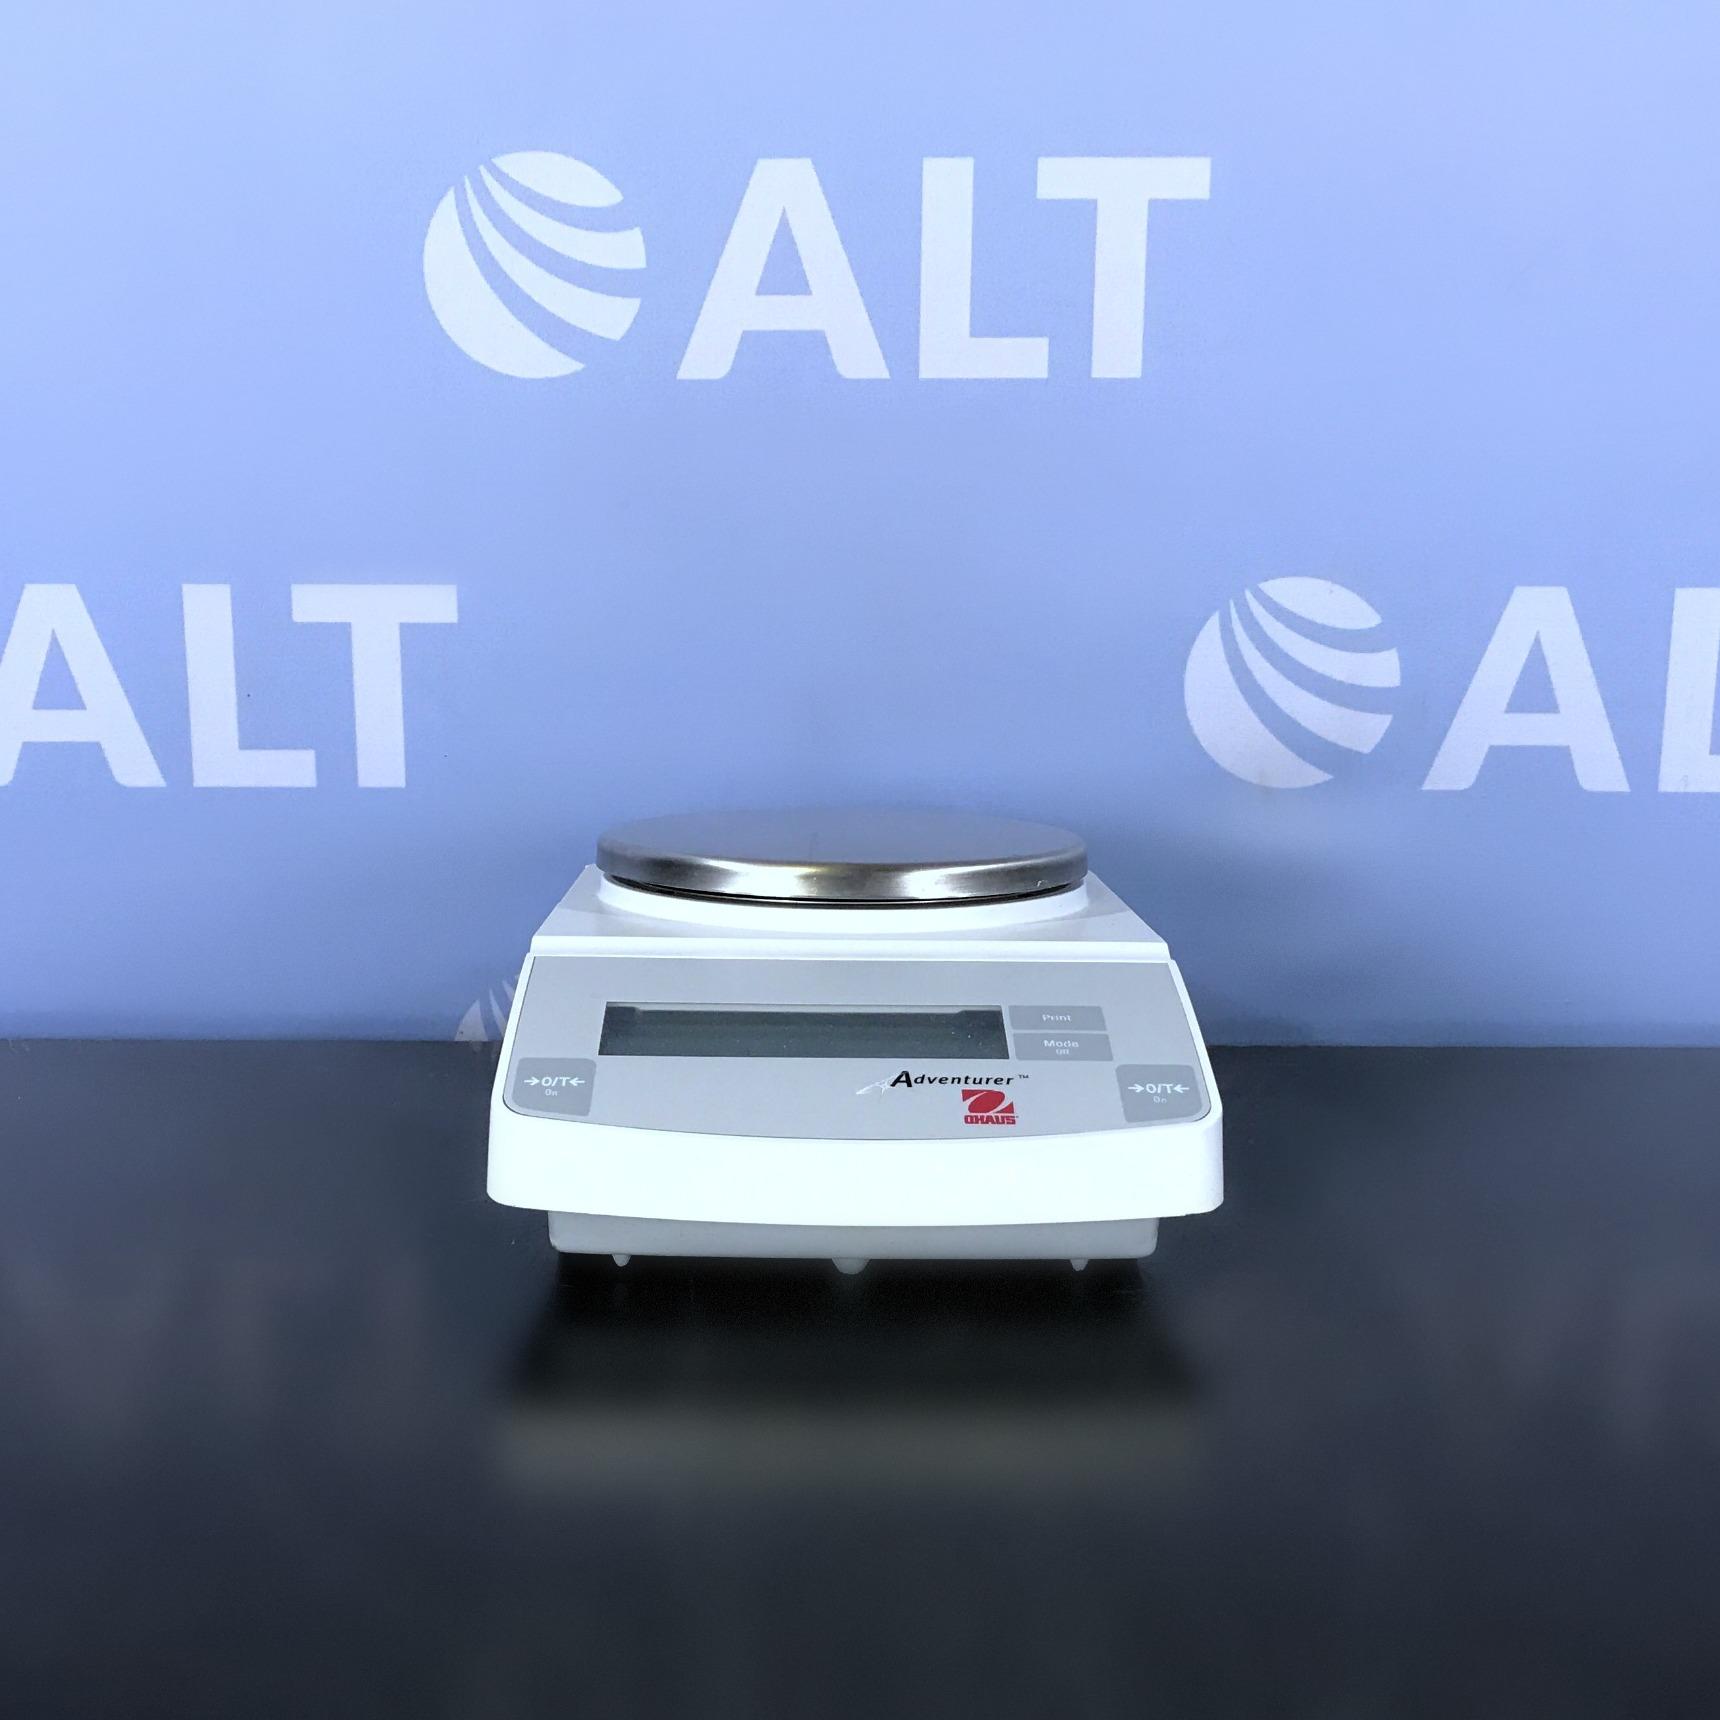 Ohaus Adventurer ARC120 Precision Balance Image